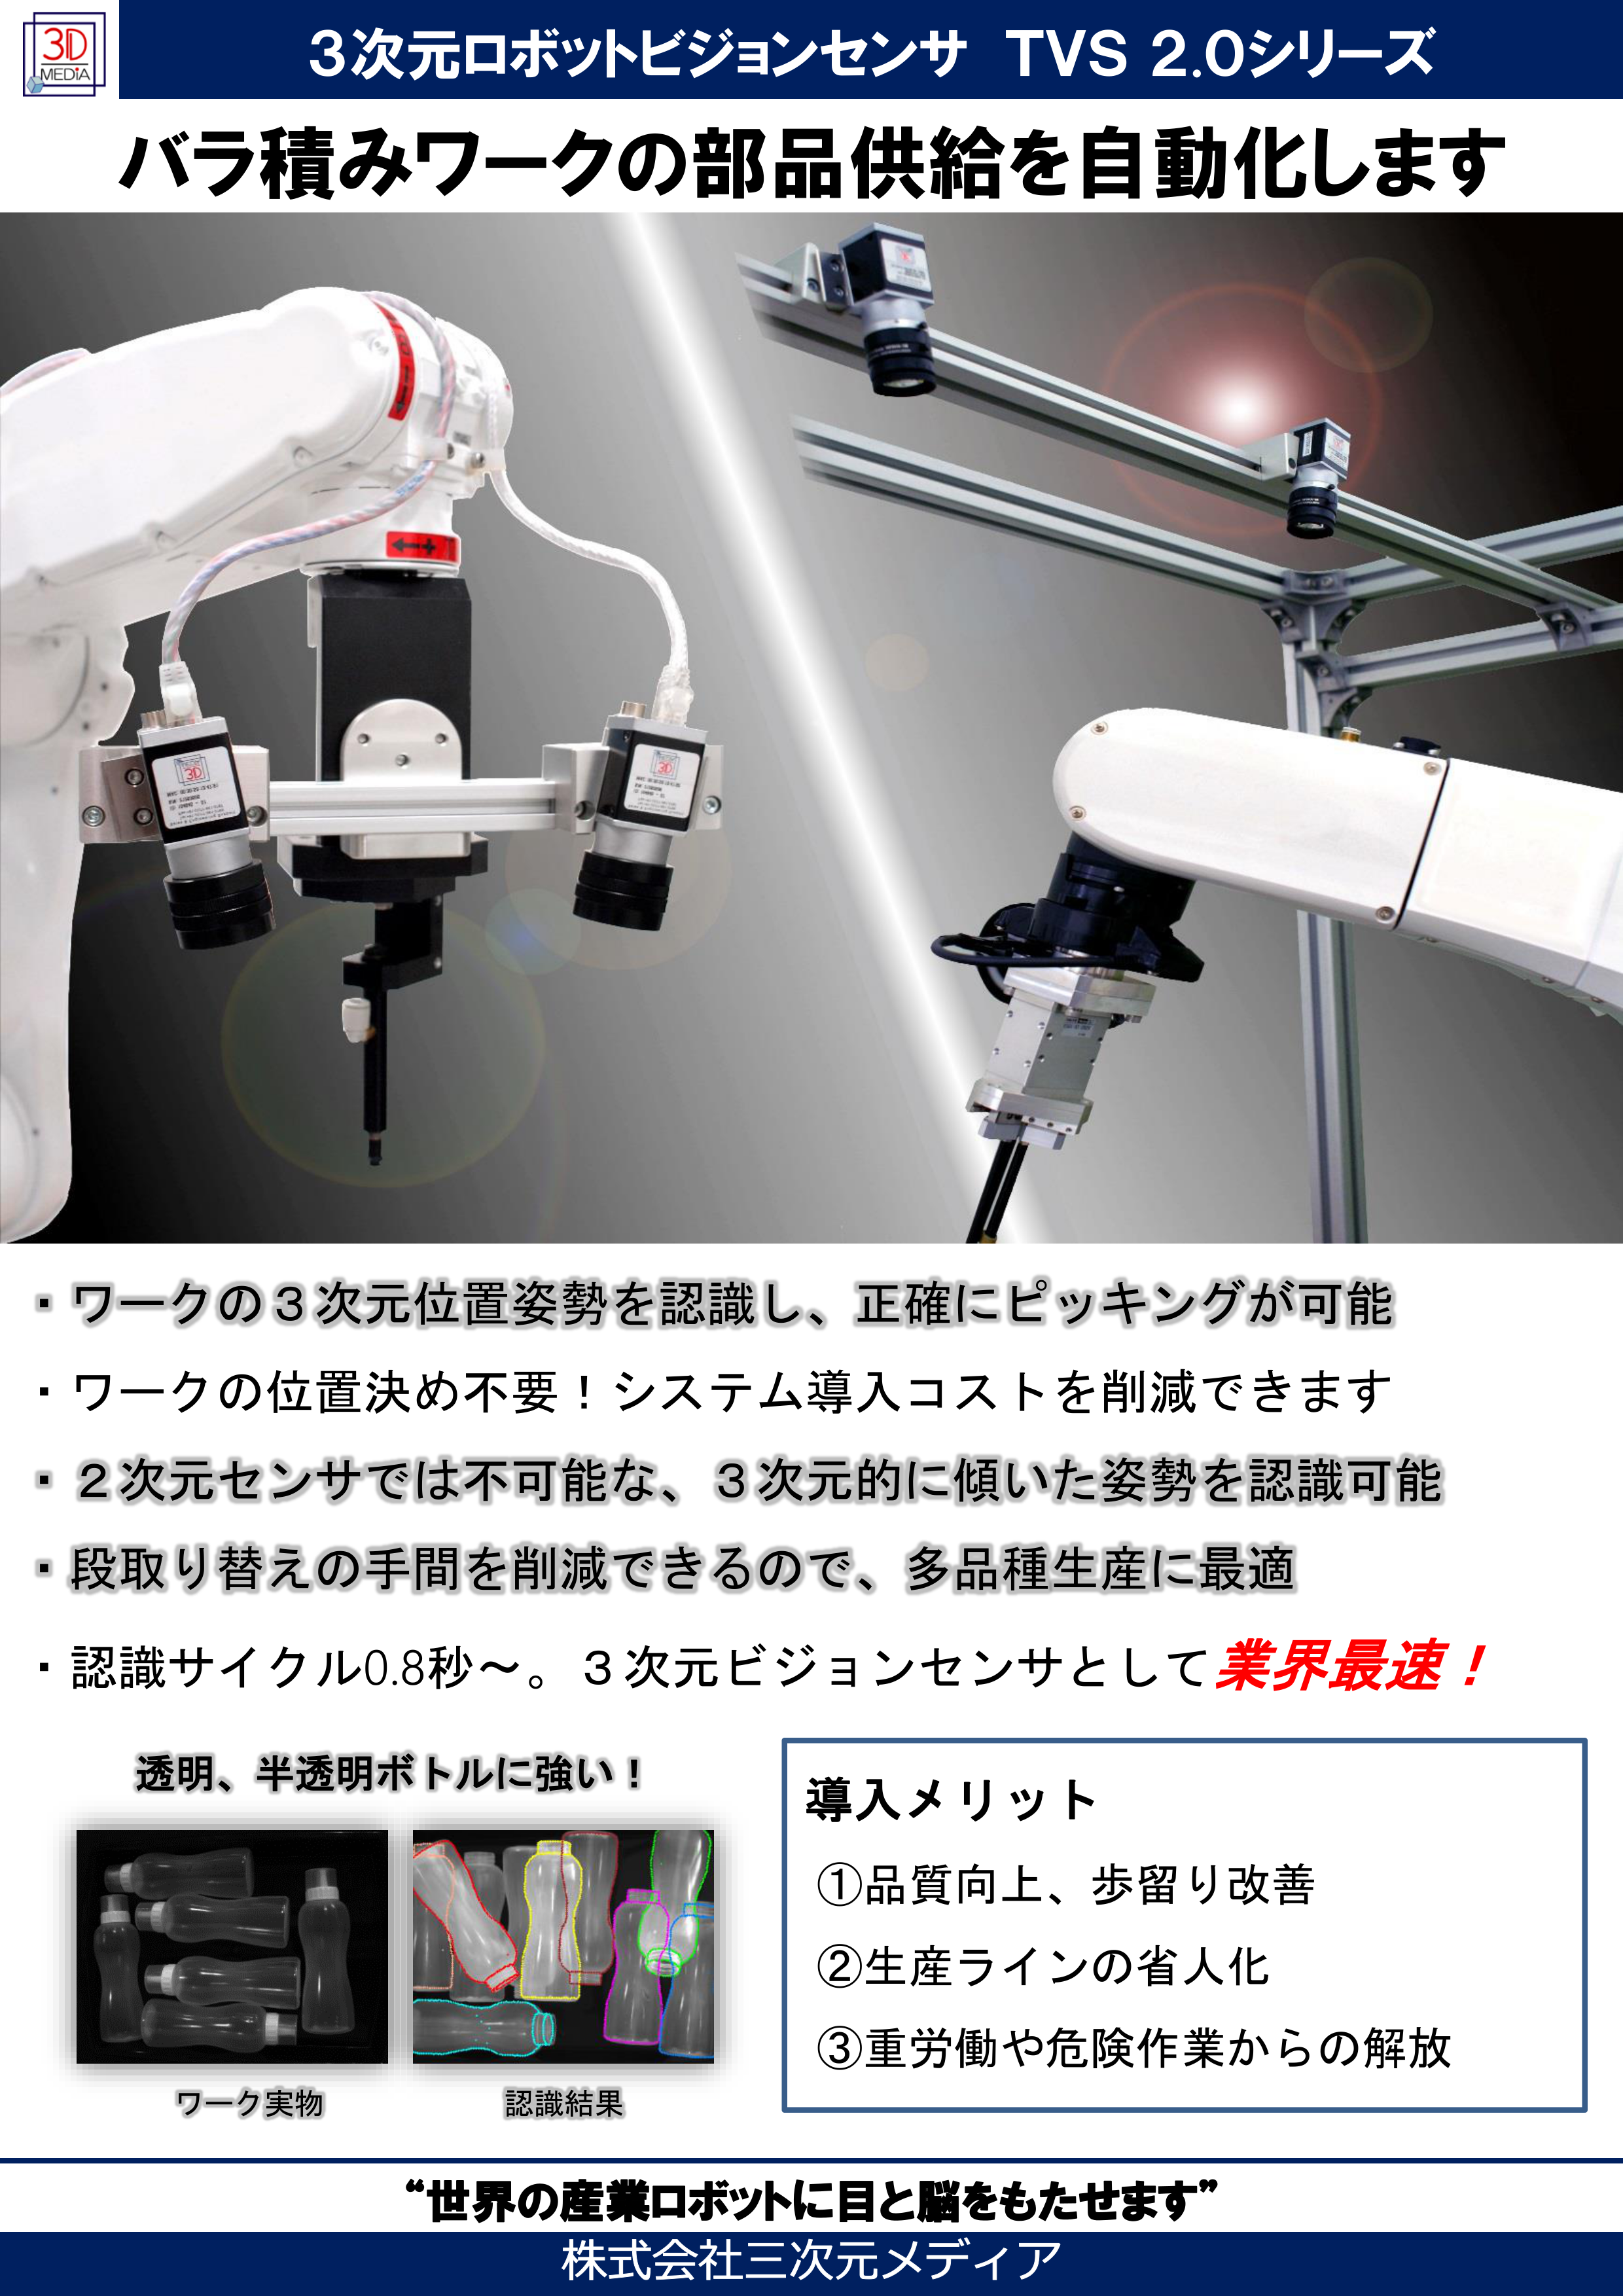 3次元ロボットビジョンセンサ TVS2.0